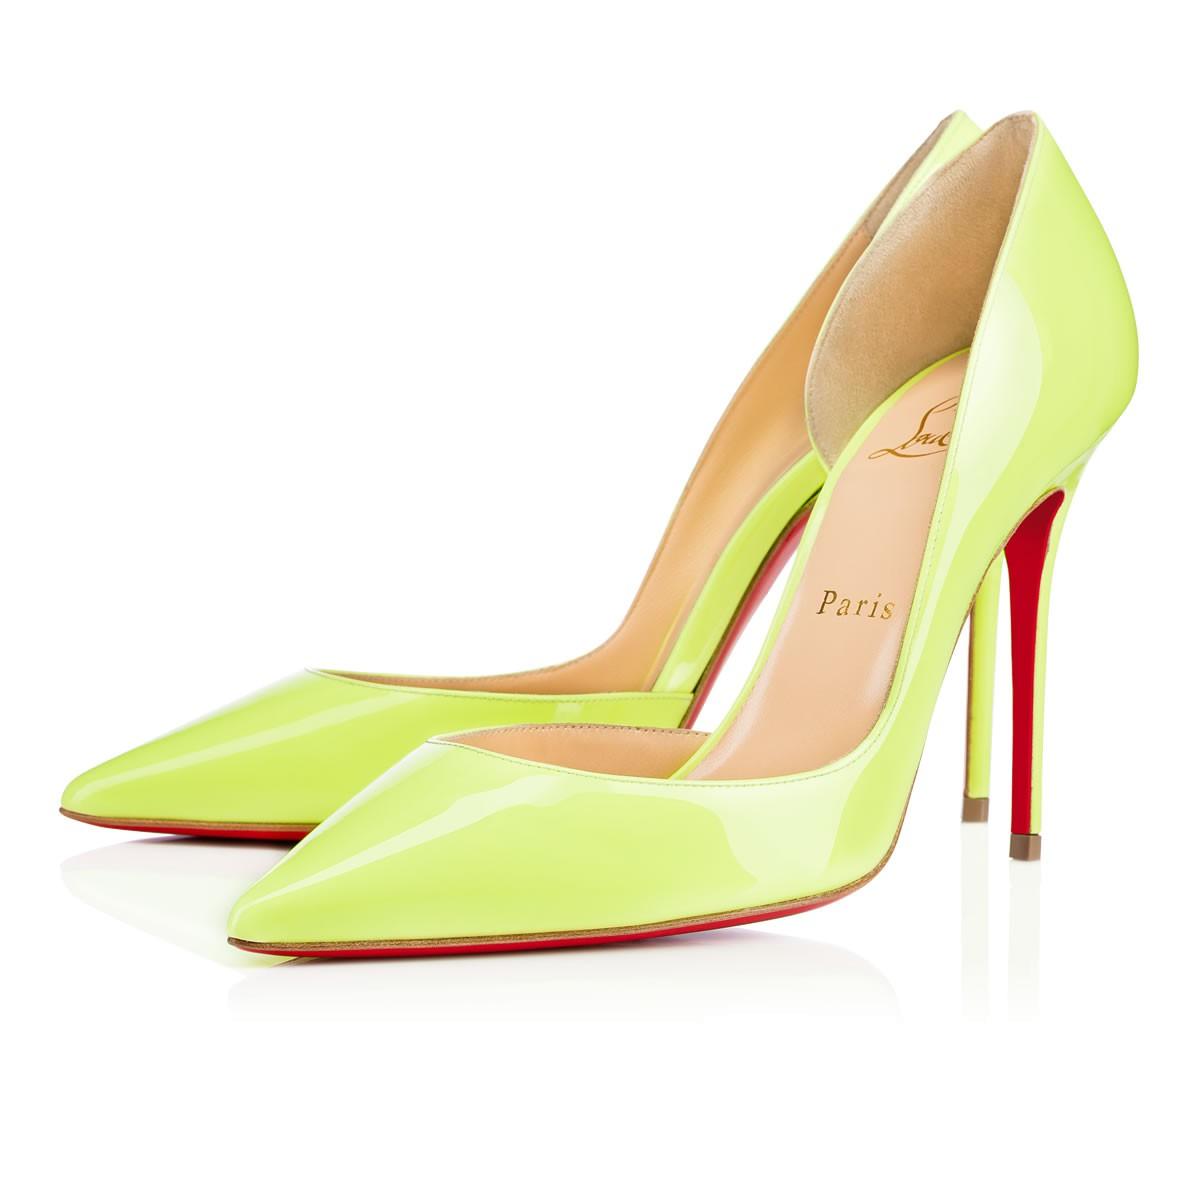 Салатовые туфли лабутены, модель Iriza